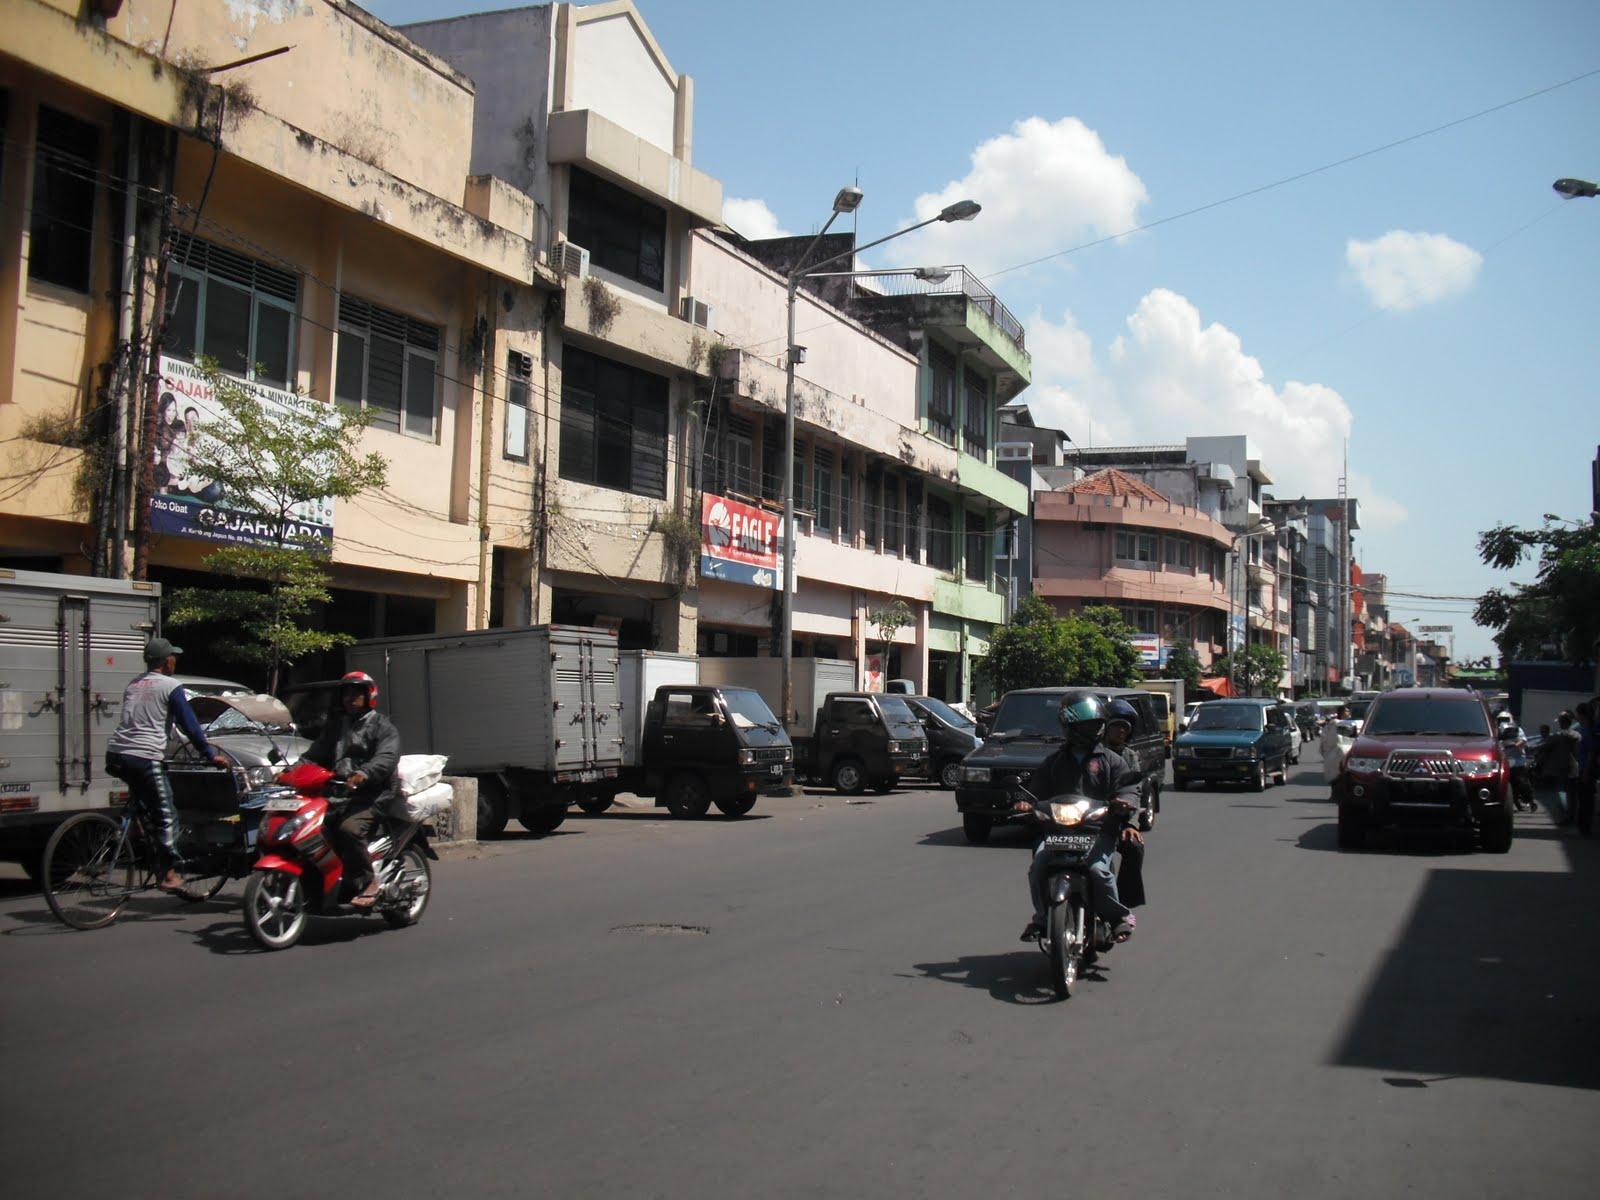 Beginilah Tekanan Tugas Bagi Wartawan Serbi Dahlan Iskan Jl Kembang